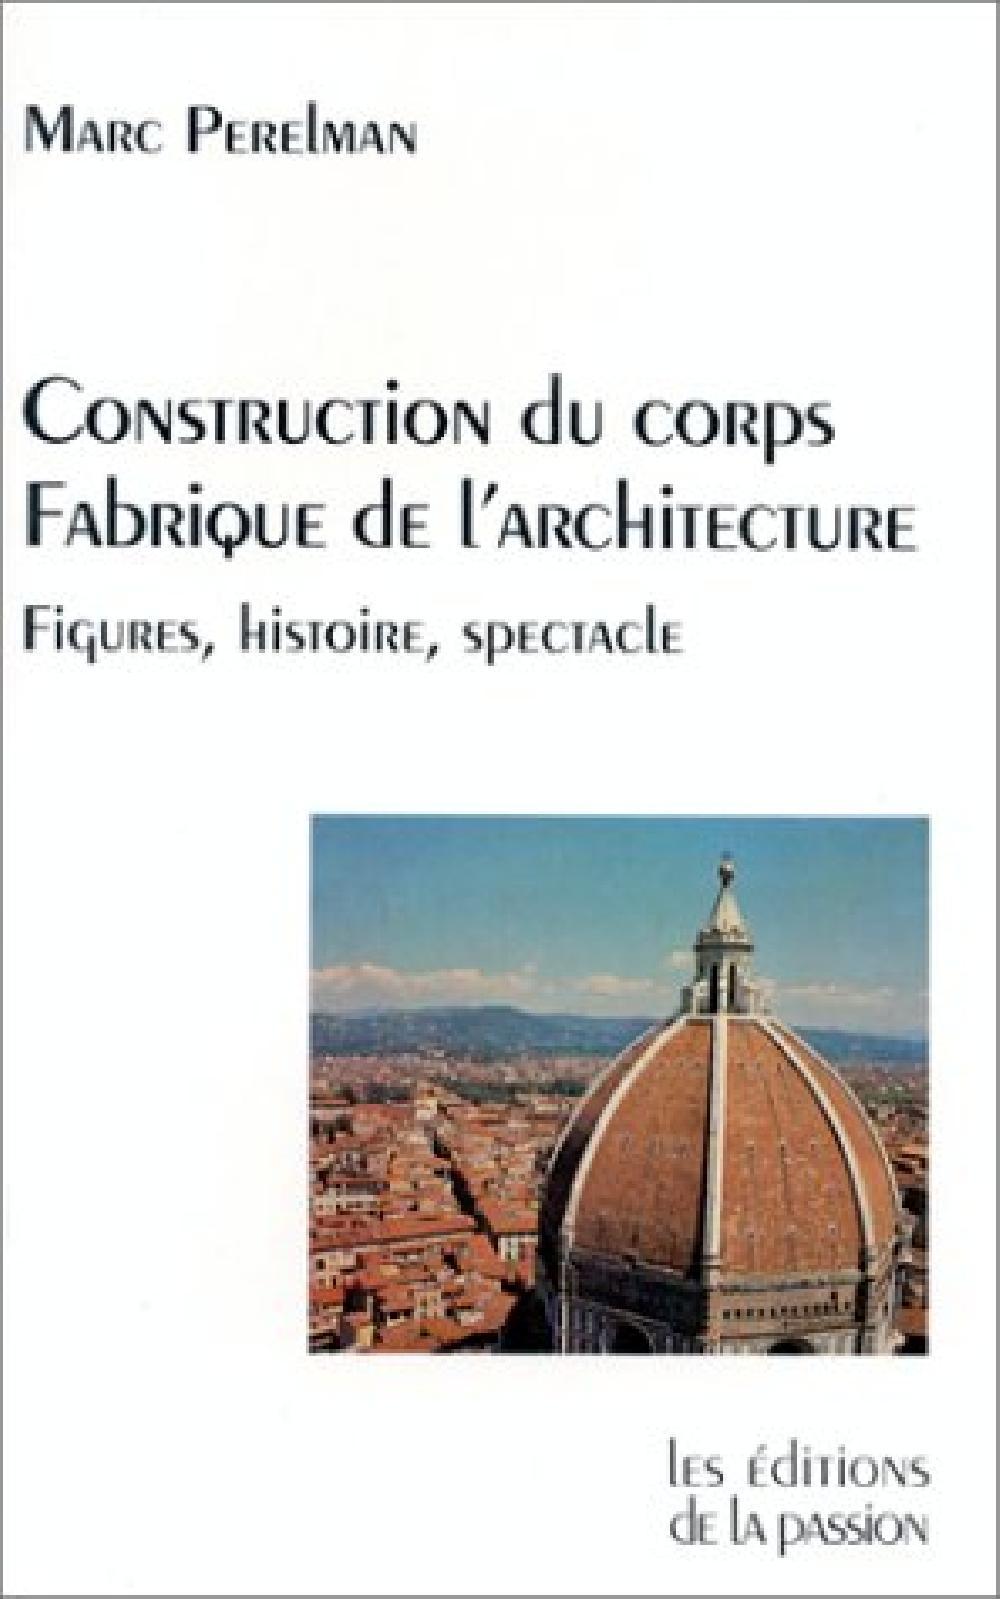 Construction du corps, fabrique de l'architecture. Figures, histoire, spectacle